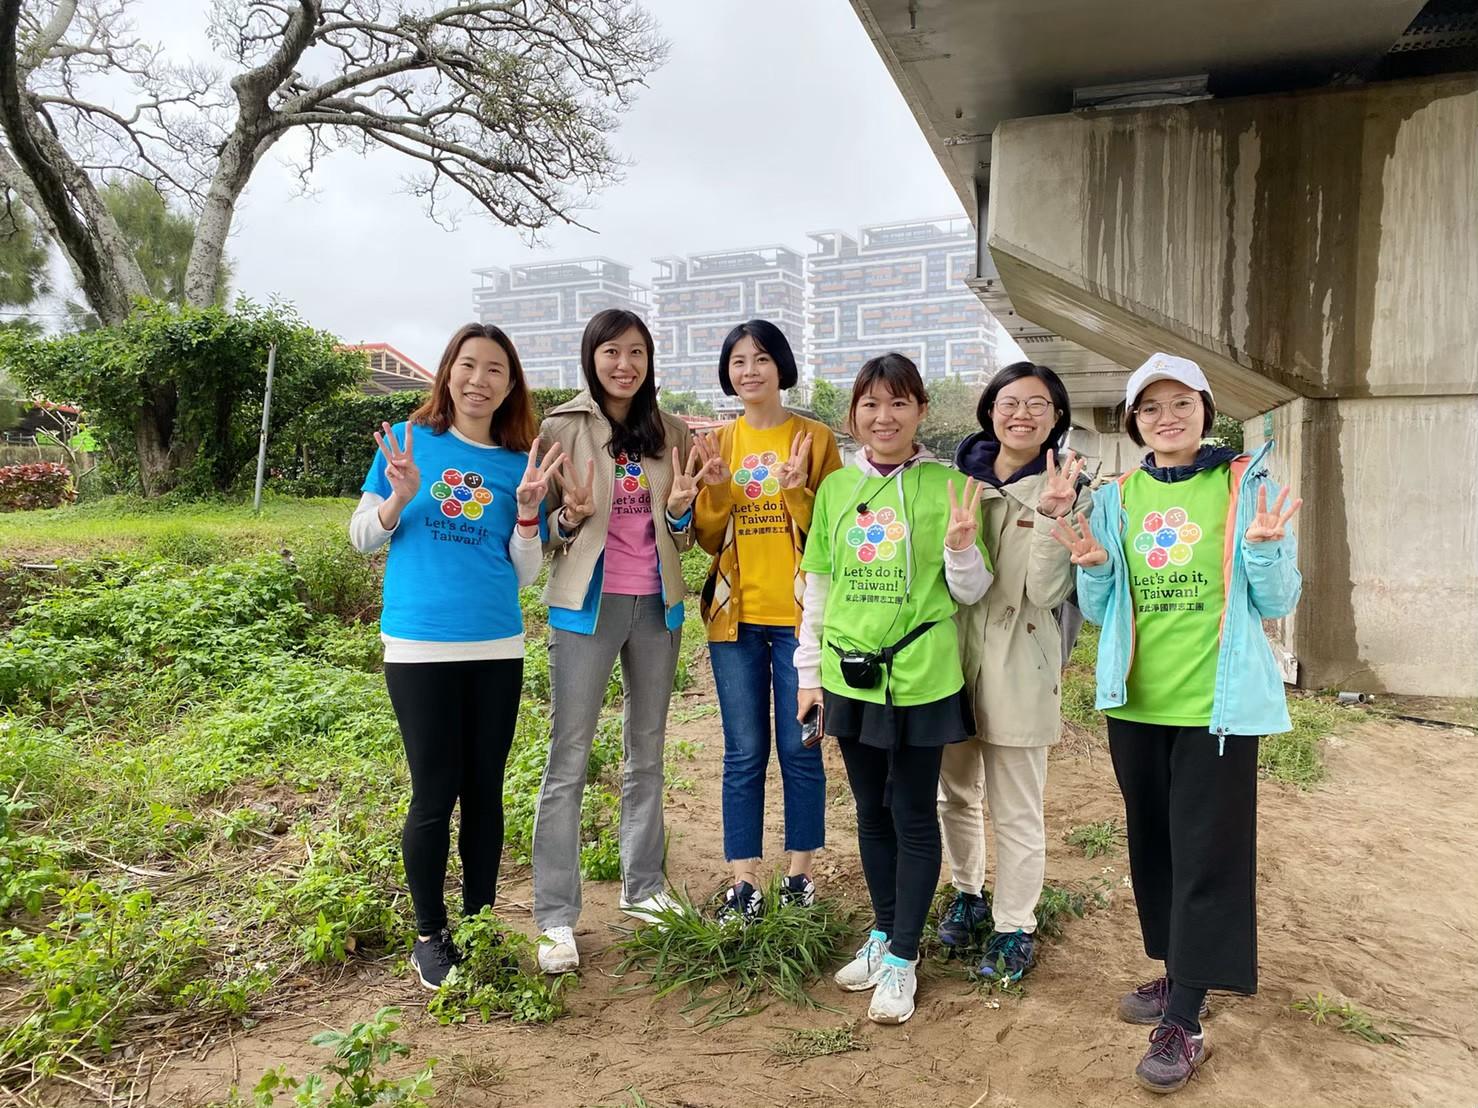 世界環境清潔日:響應公民參與淨灘活動,Let's Do It, Taiwan